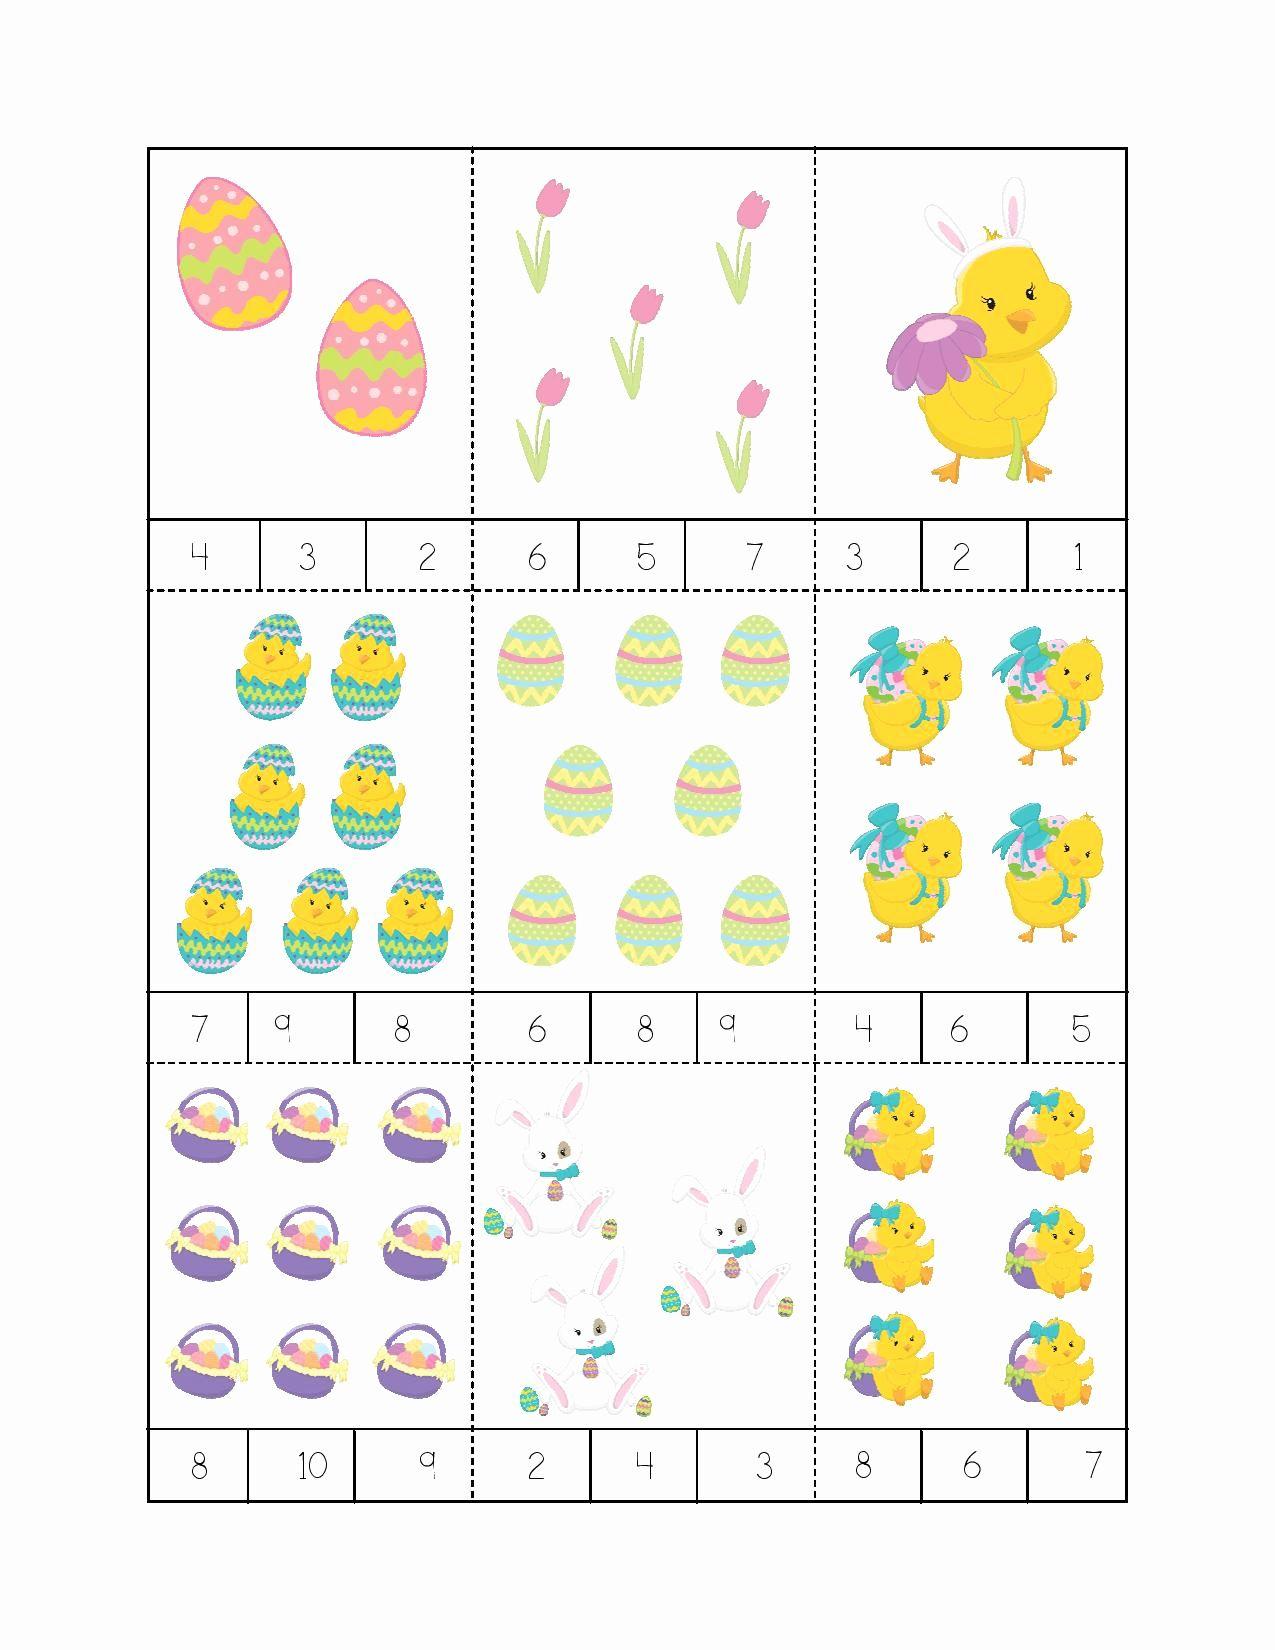 Easter Egg Math Worksheets In 2021 Easter Math Worksheets Easter Math Kindergarten Easter Math Worksheets Easter egg math worksheets